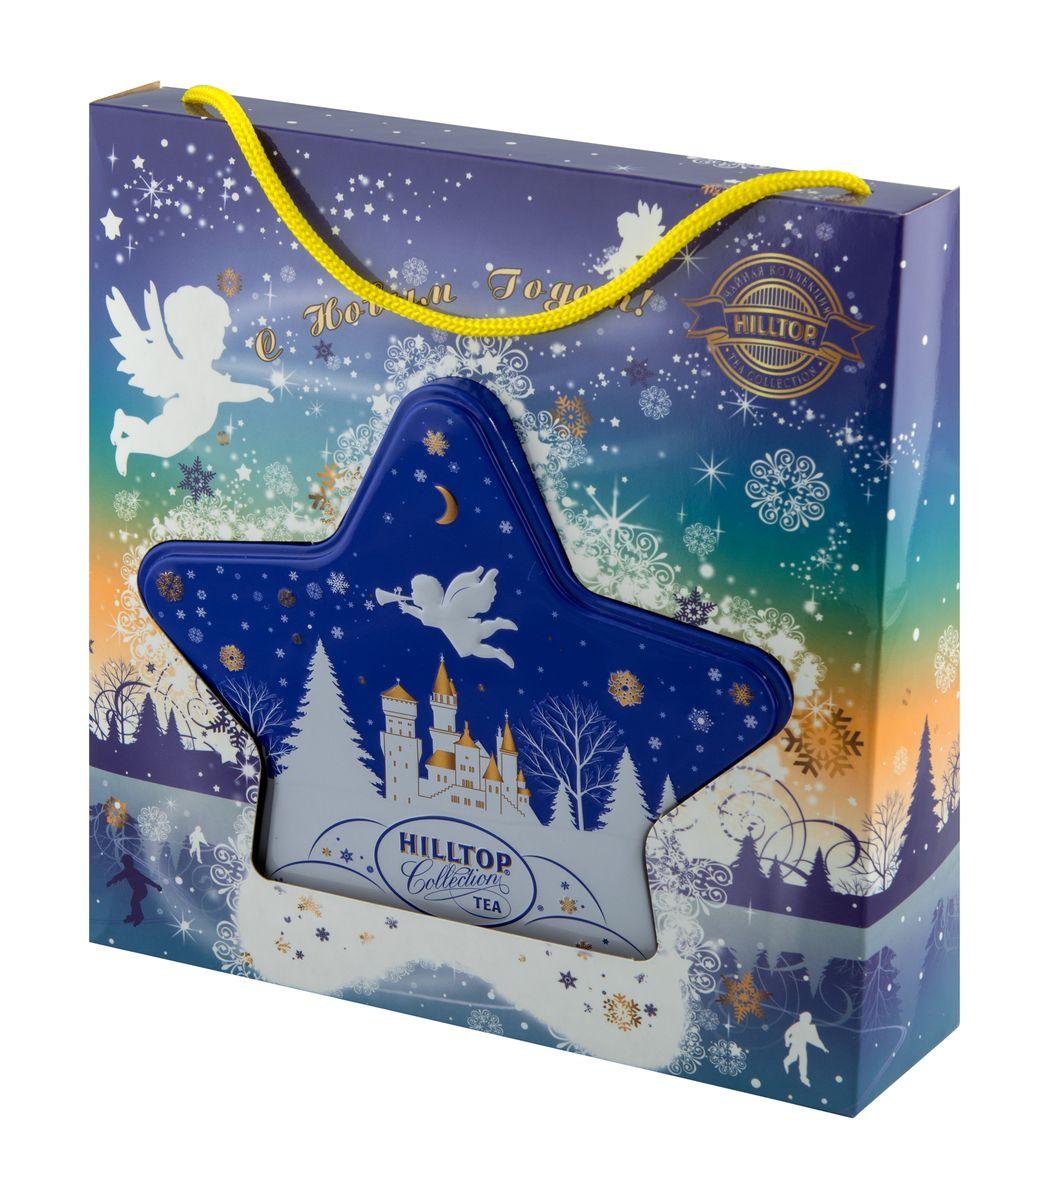 Hilltop Снежный ангел черный листовой чай, 80 г greenfield чай greenfield классик брекфаст листовой черный 100г